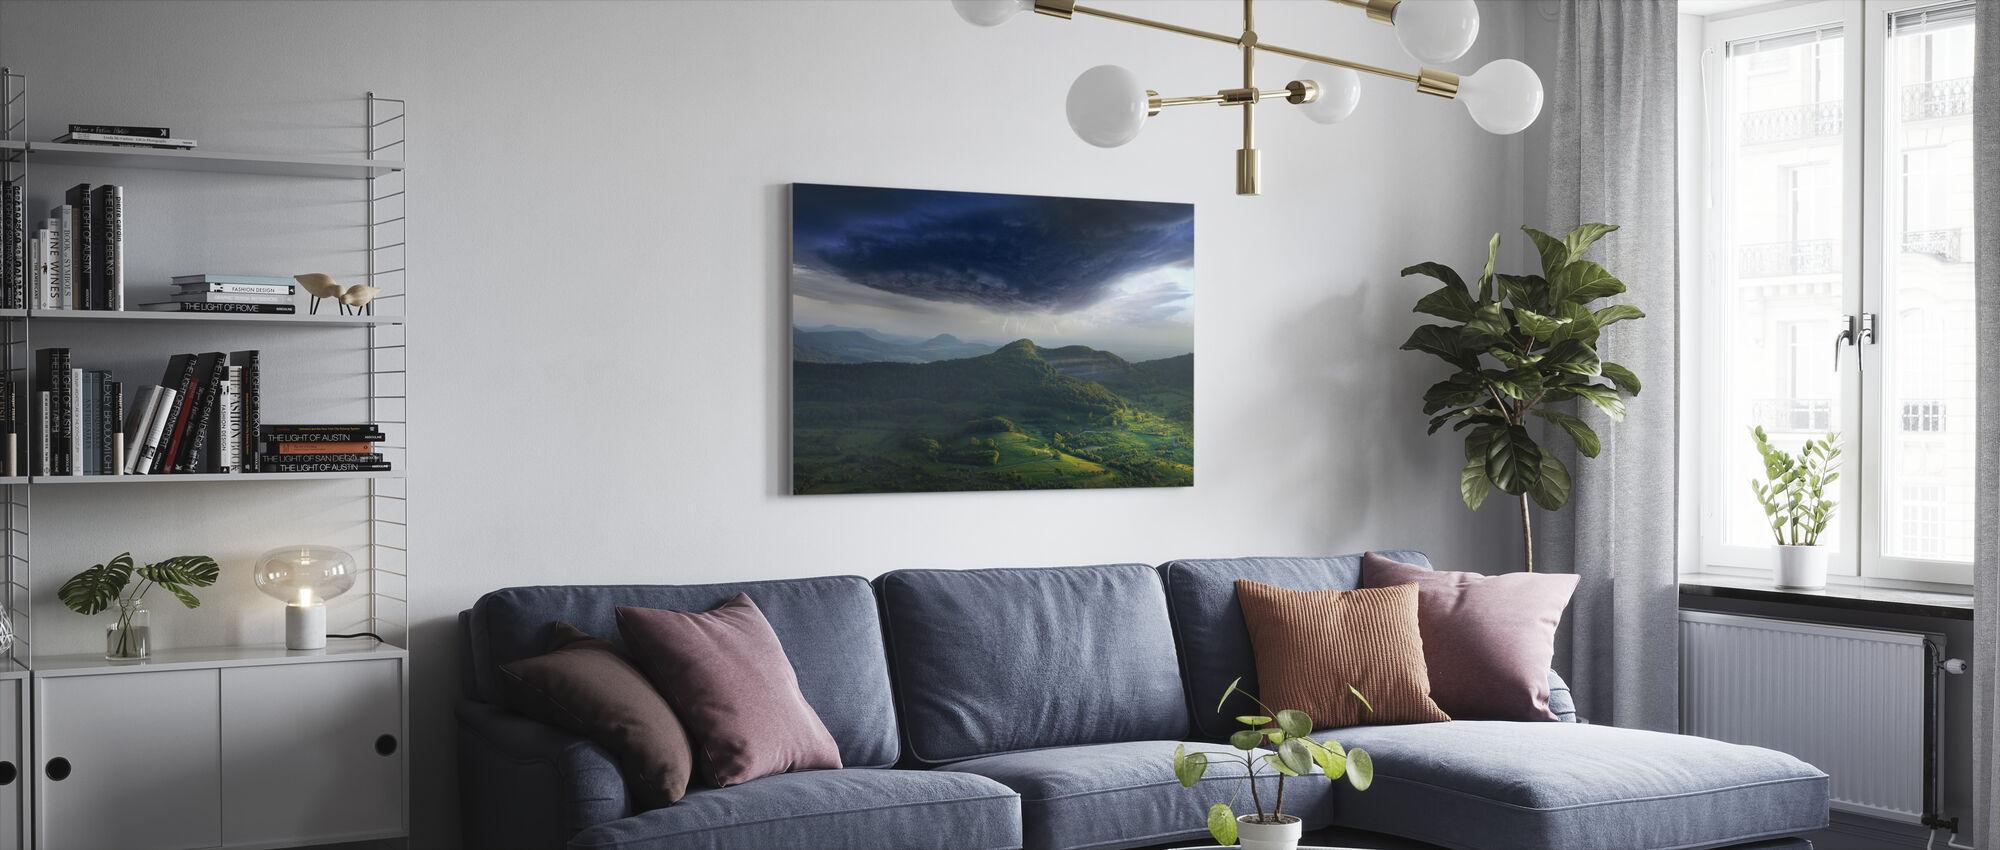 Groen landschap onweer - Canvas print - Woonkamer